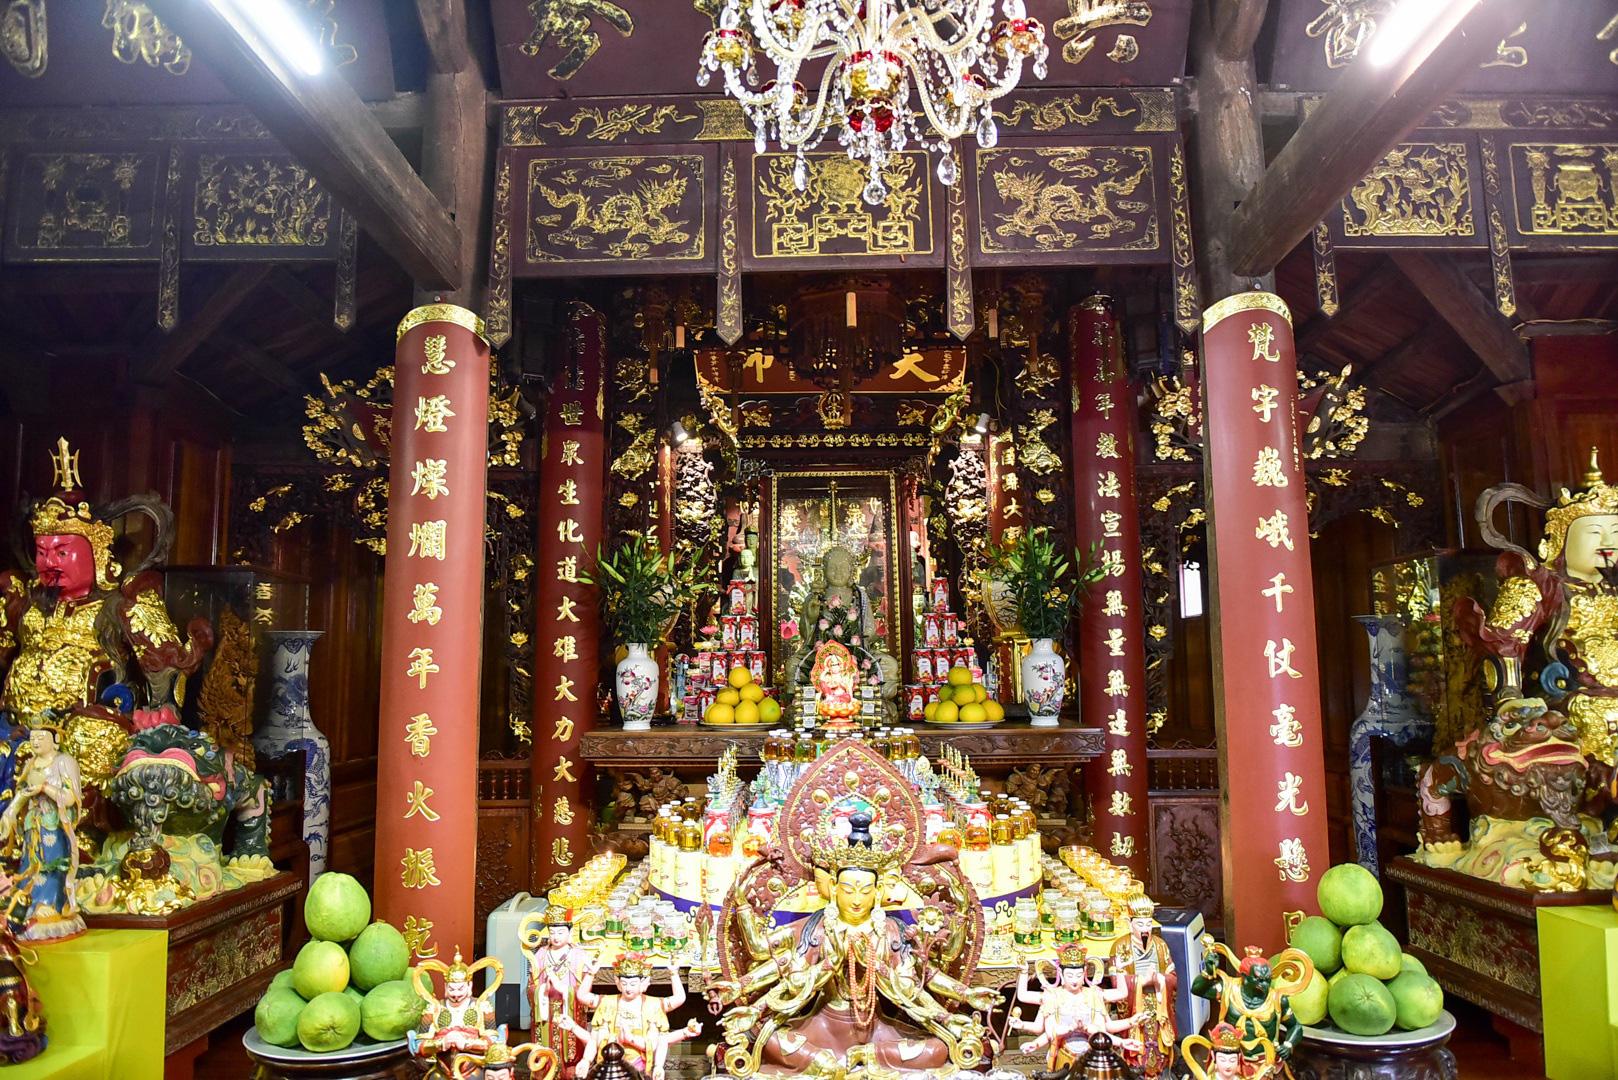 Tượng Phật từ đá quý nguyên khối trong ngôi chùa nghìn năm tuổi ở Hà Nội - Ảnh 7.